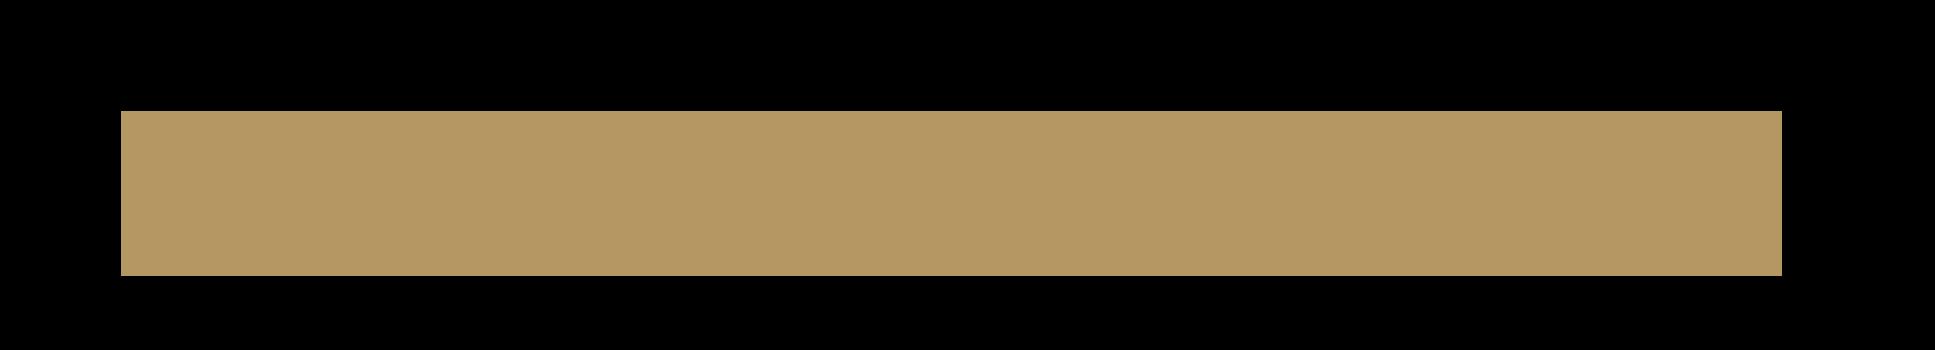 Schriftzug d'Lamp'nfieberer